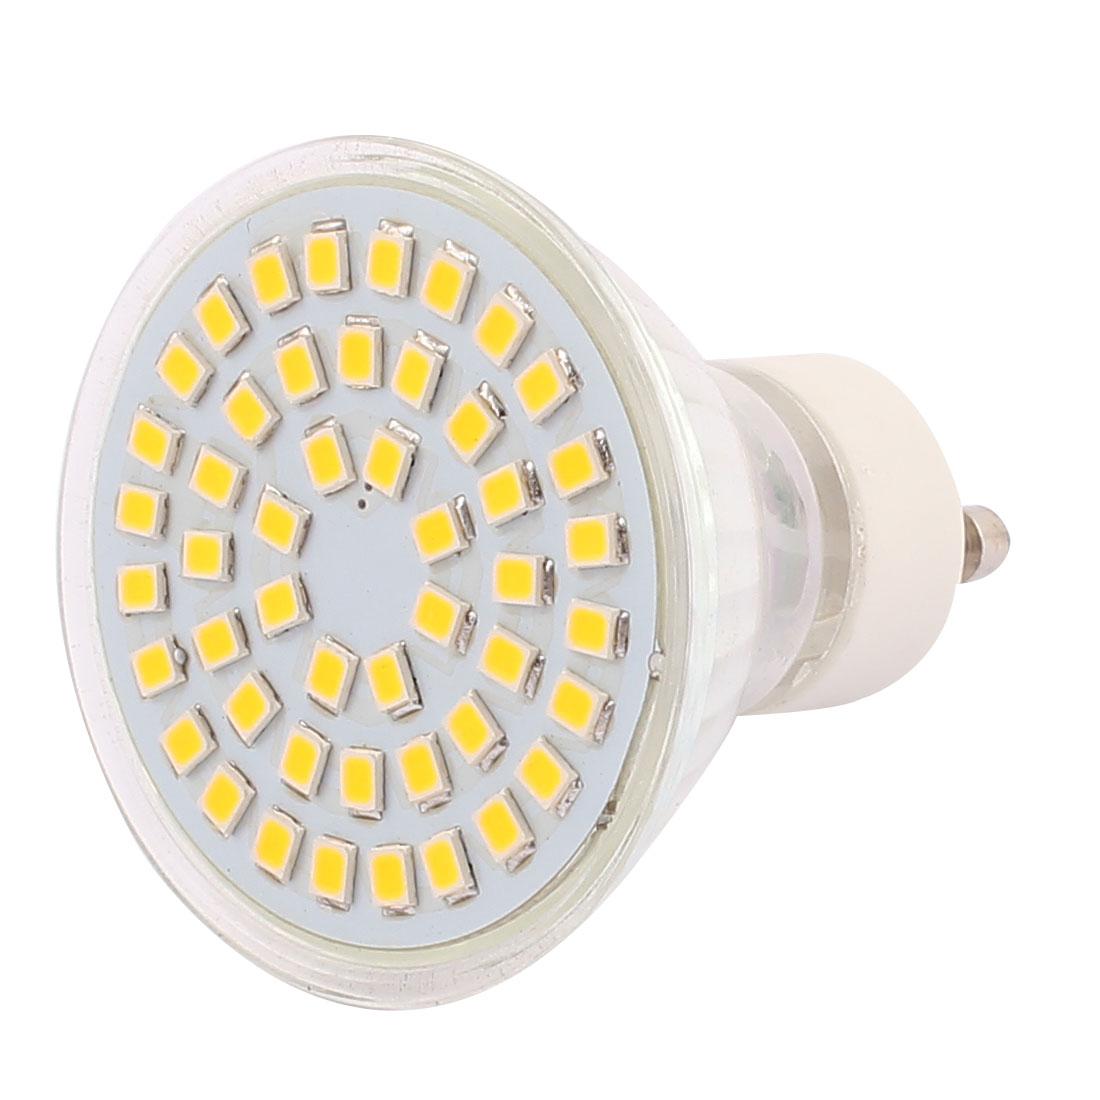 220V-GU10-LED-Light-4W-2835-SMD-48-LEDs-Spotlight-Lamp-Bulb-Lighting-Warm-White